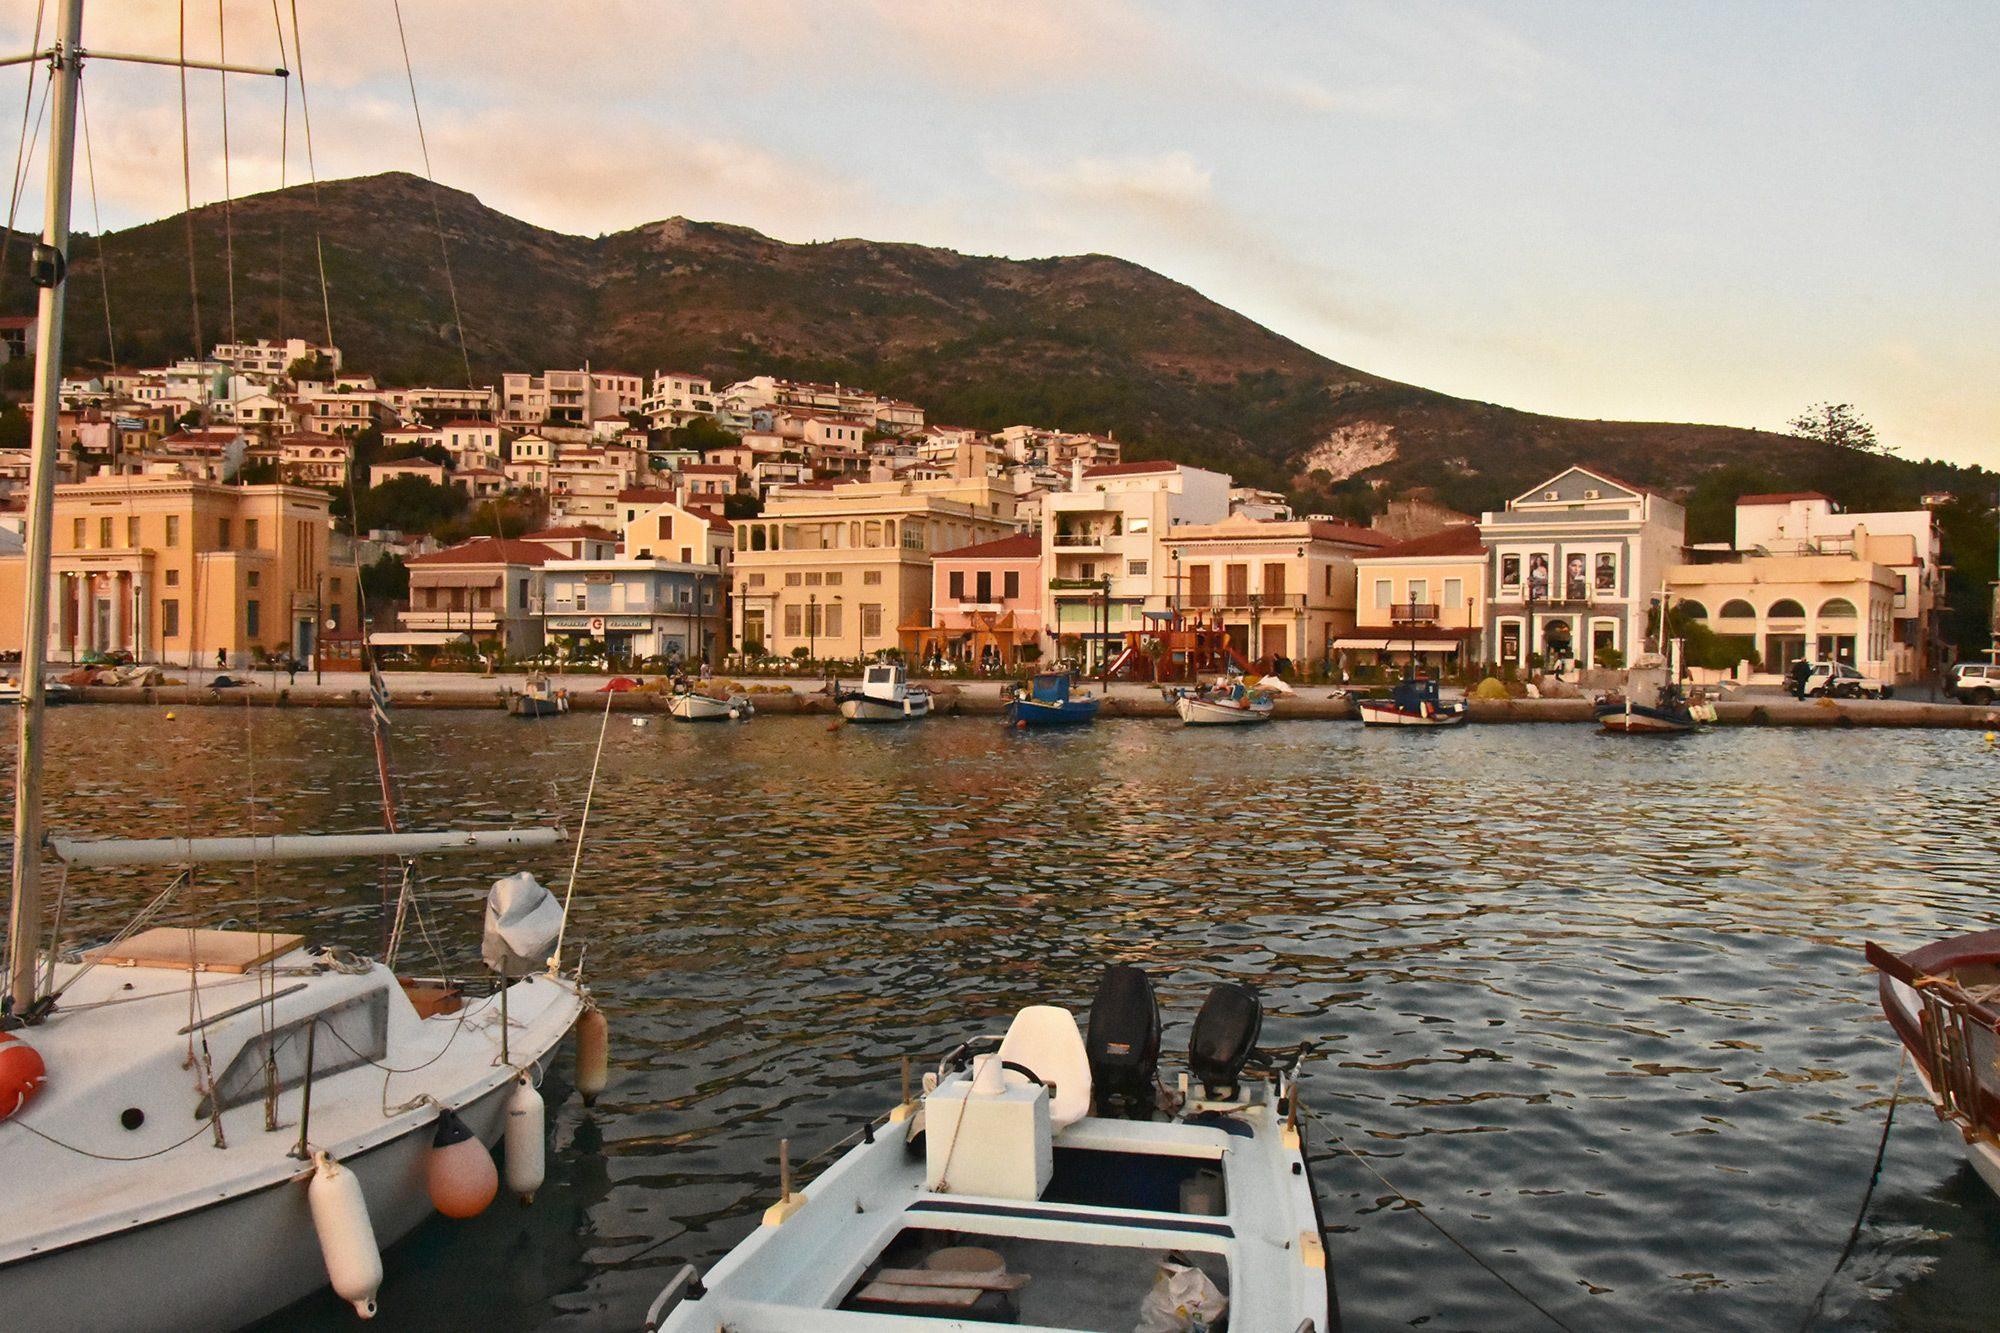 Η πόλη από το αλιευτικό καταφύγιο